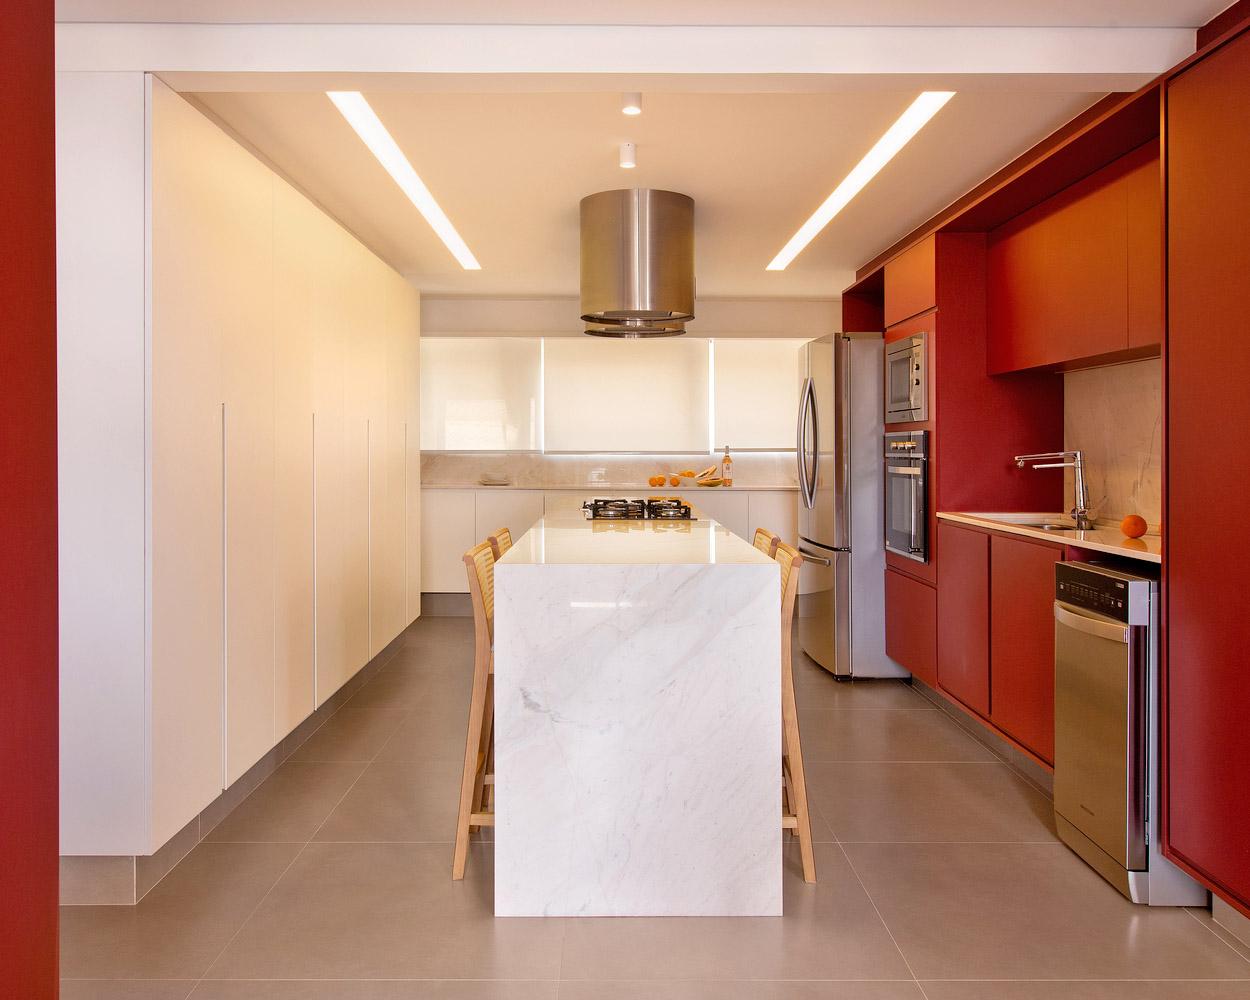 Apartamento-Brigadeiro-Nommo-Arquitetos-Brenda-Pontes-03